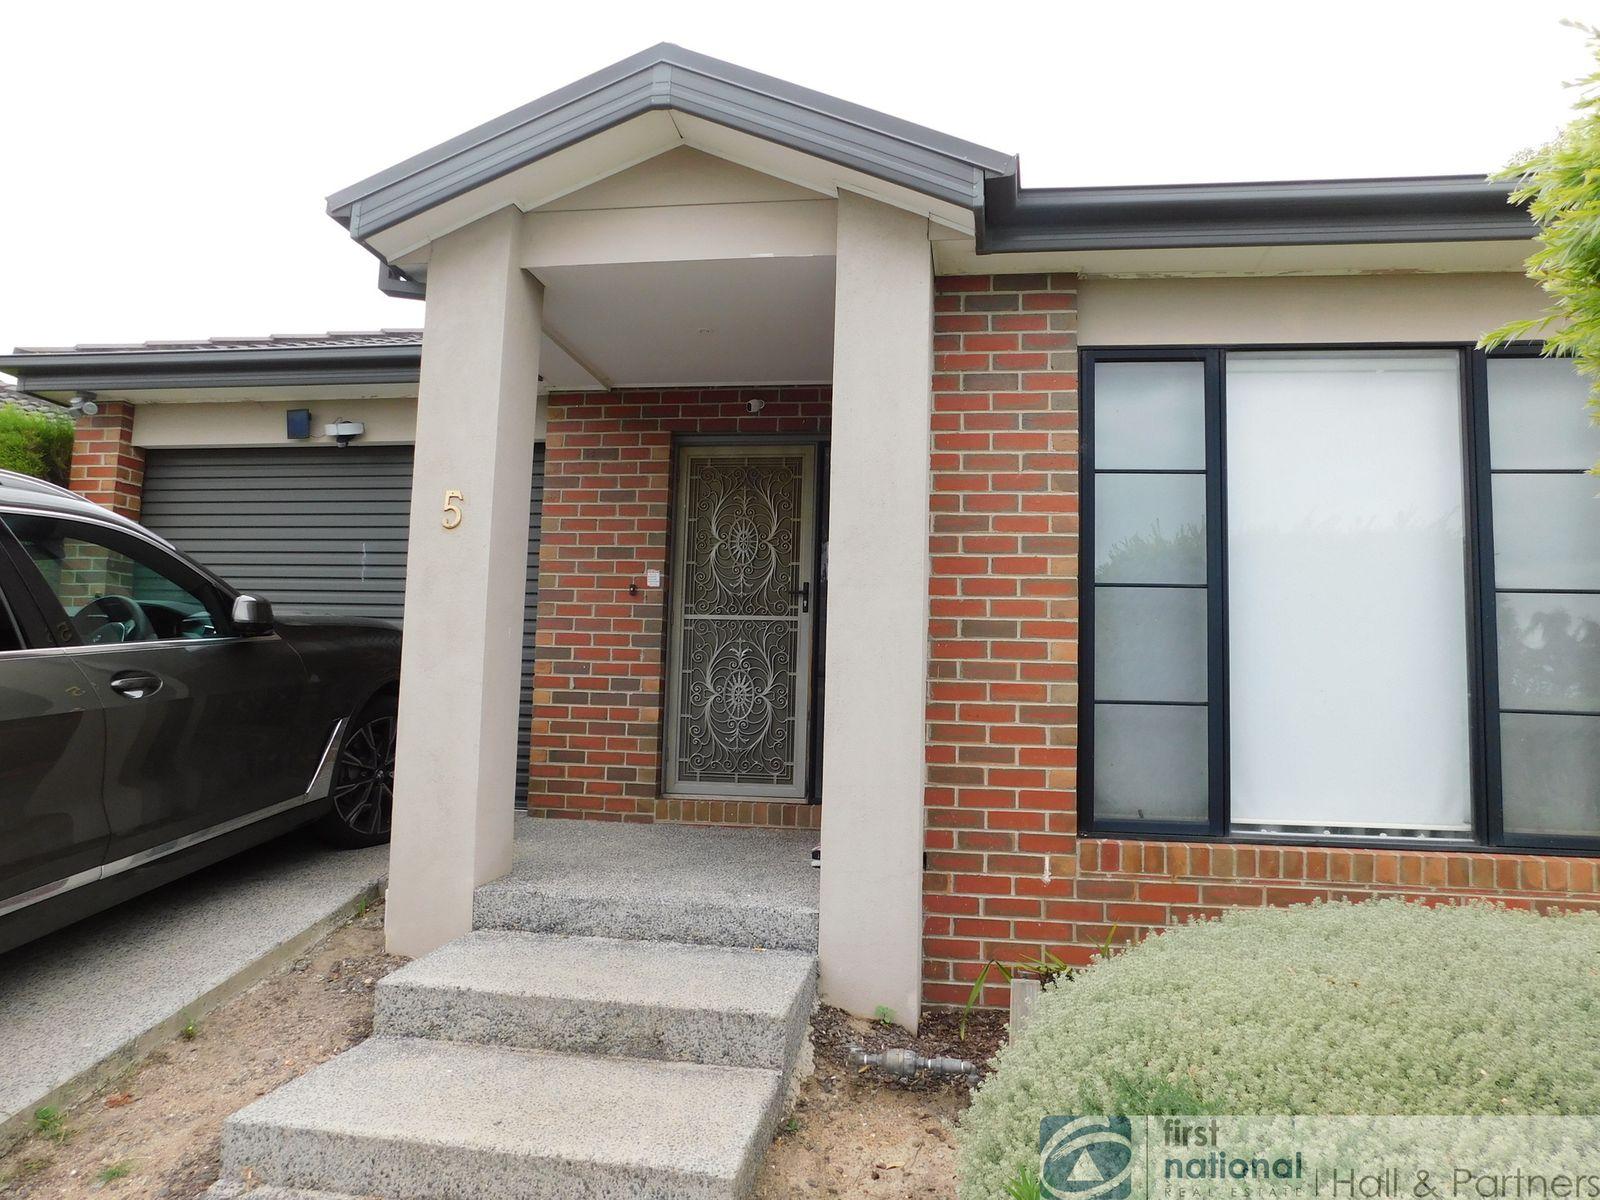 5/21 Kingfisher Drive, Doveton, VIC 3177